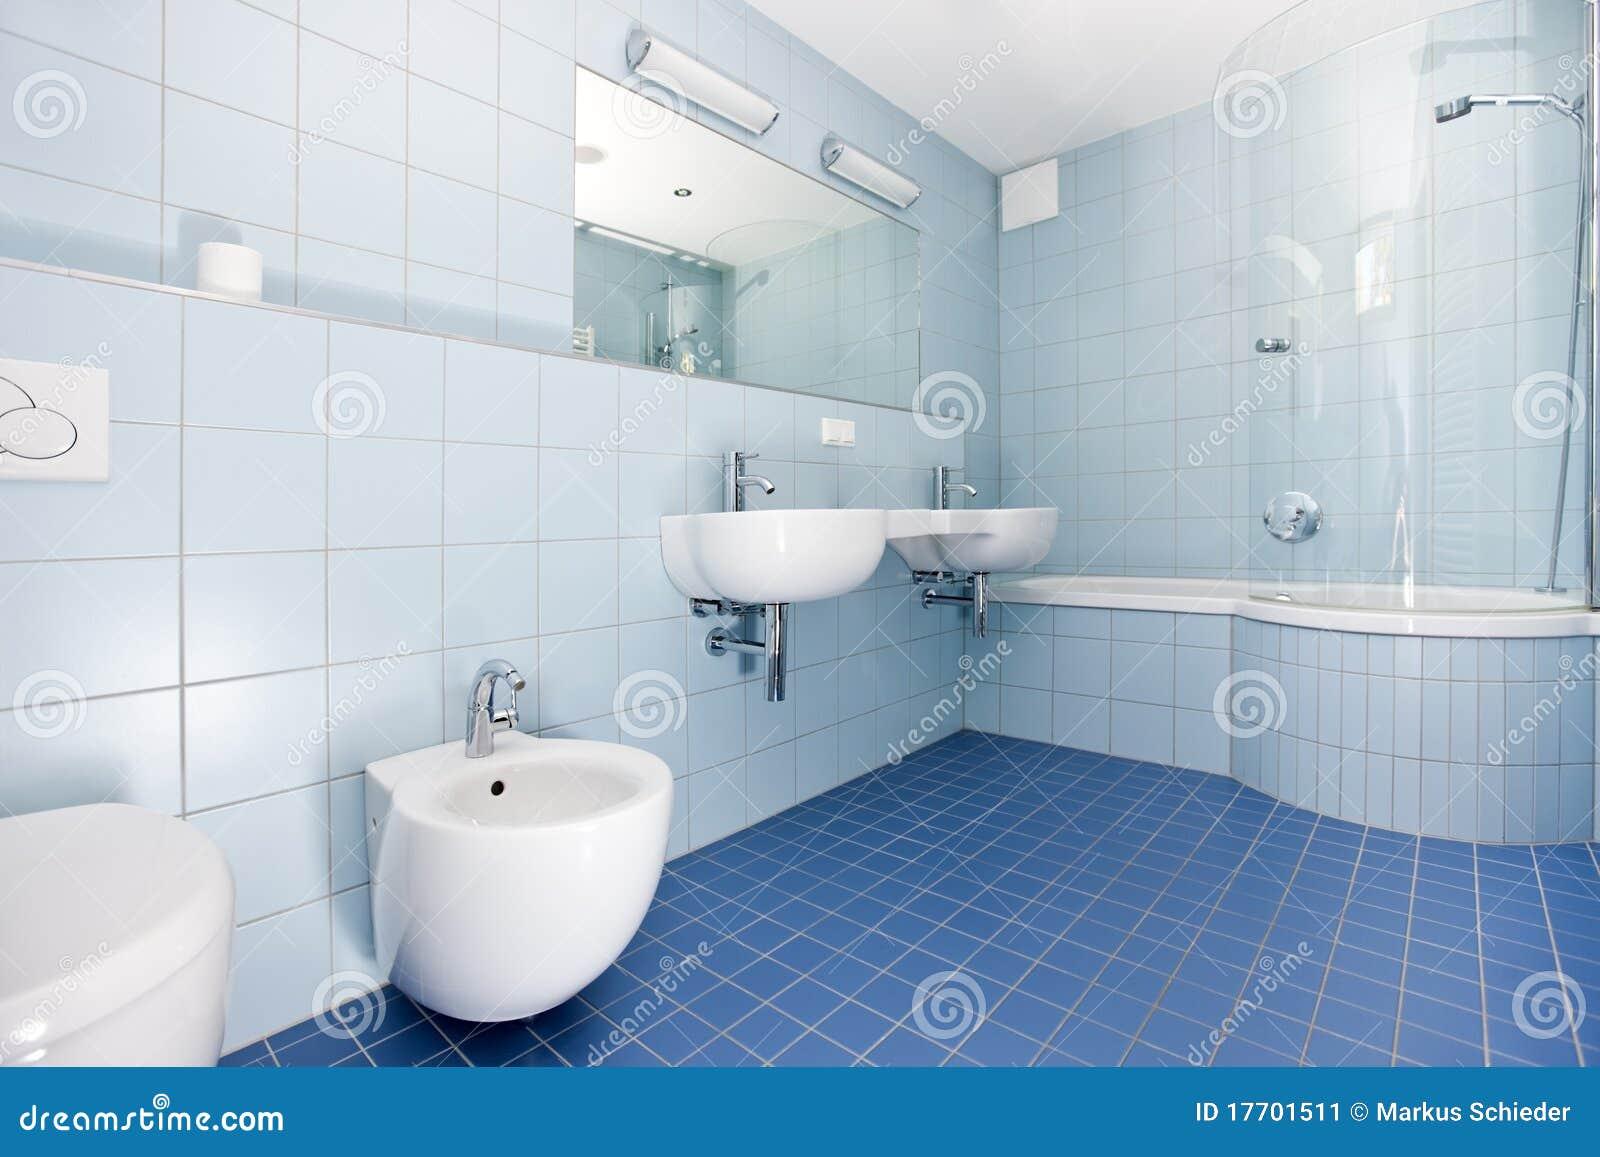 Banheiro Azul Moderno Imagem de Stock  Imagem 17701511 -> Banheiros Modernos Azul